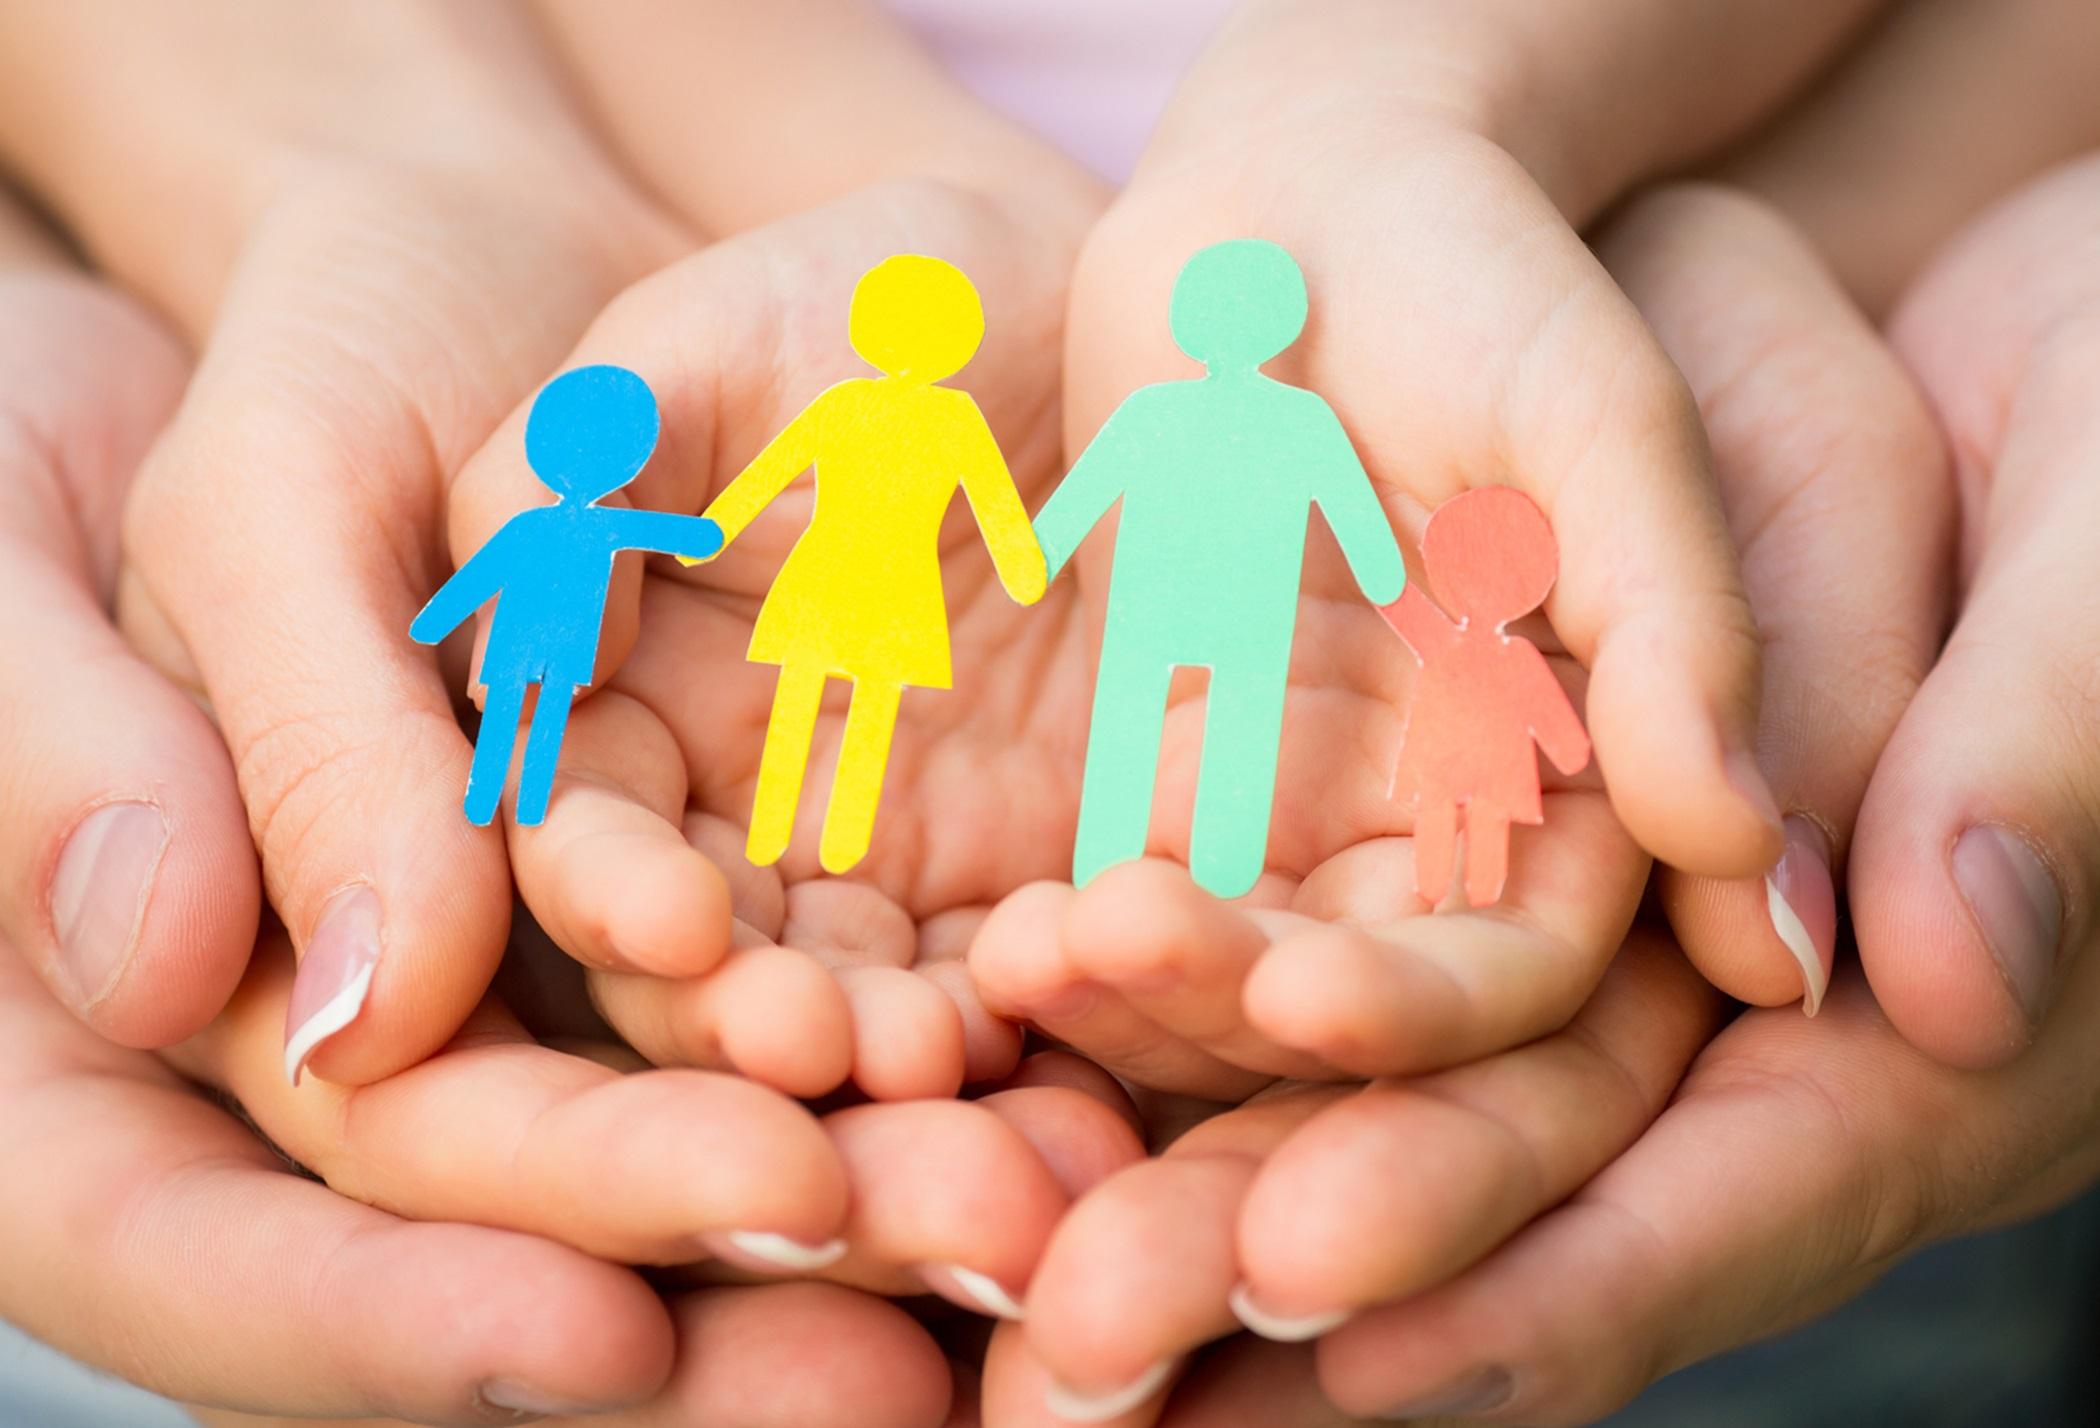 Συμβουλευτική για γονείς και εκπαιδευτικούς